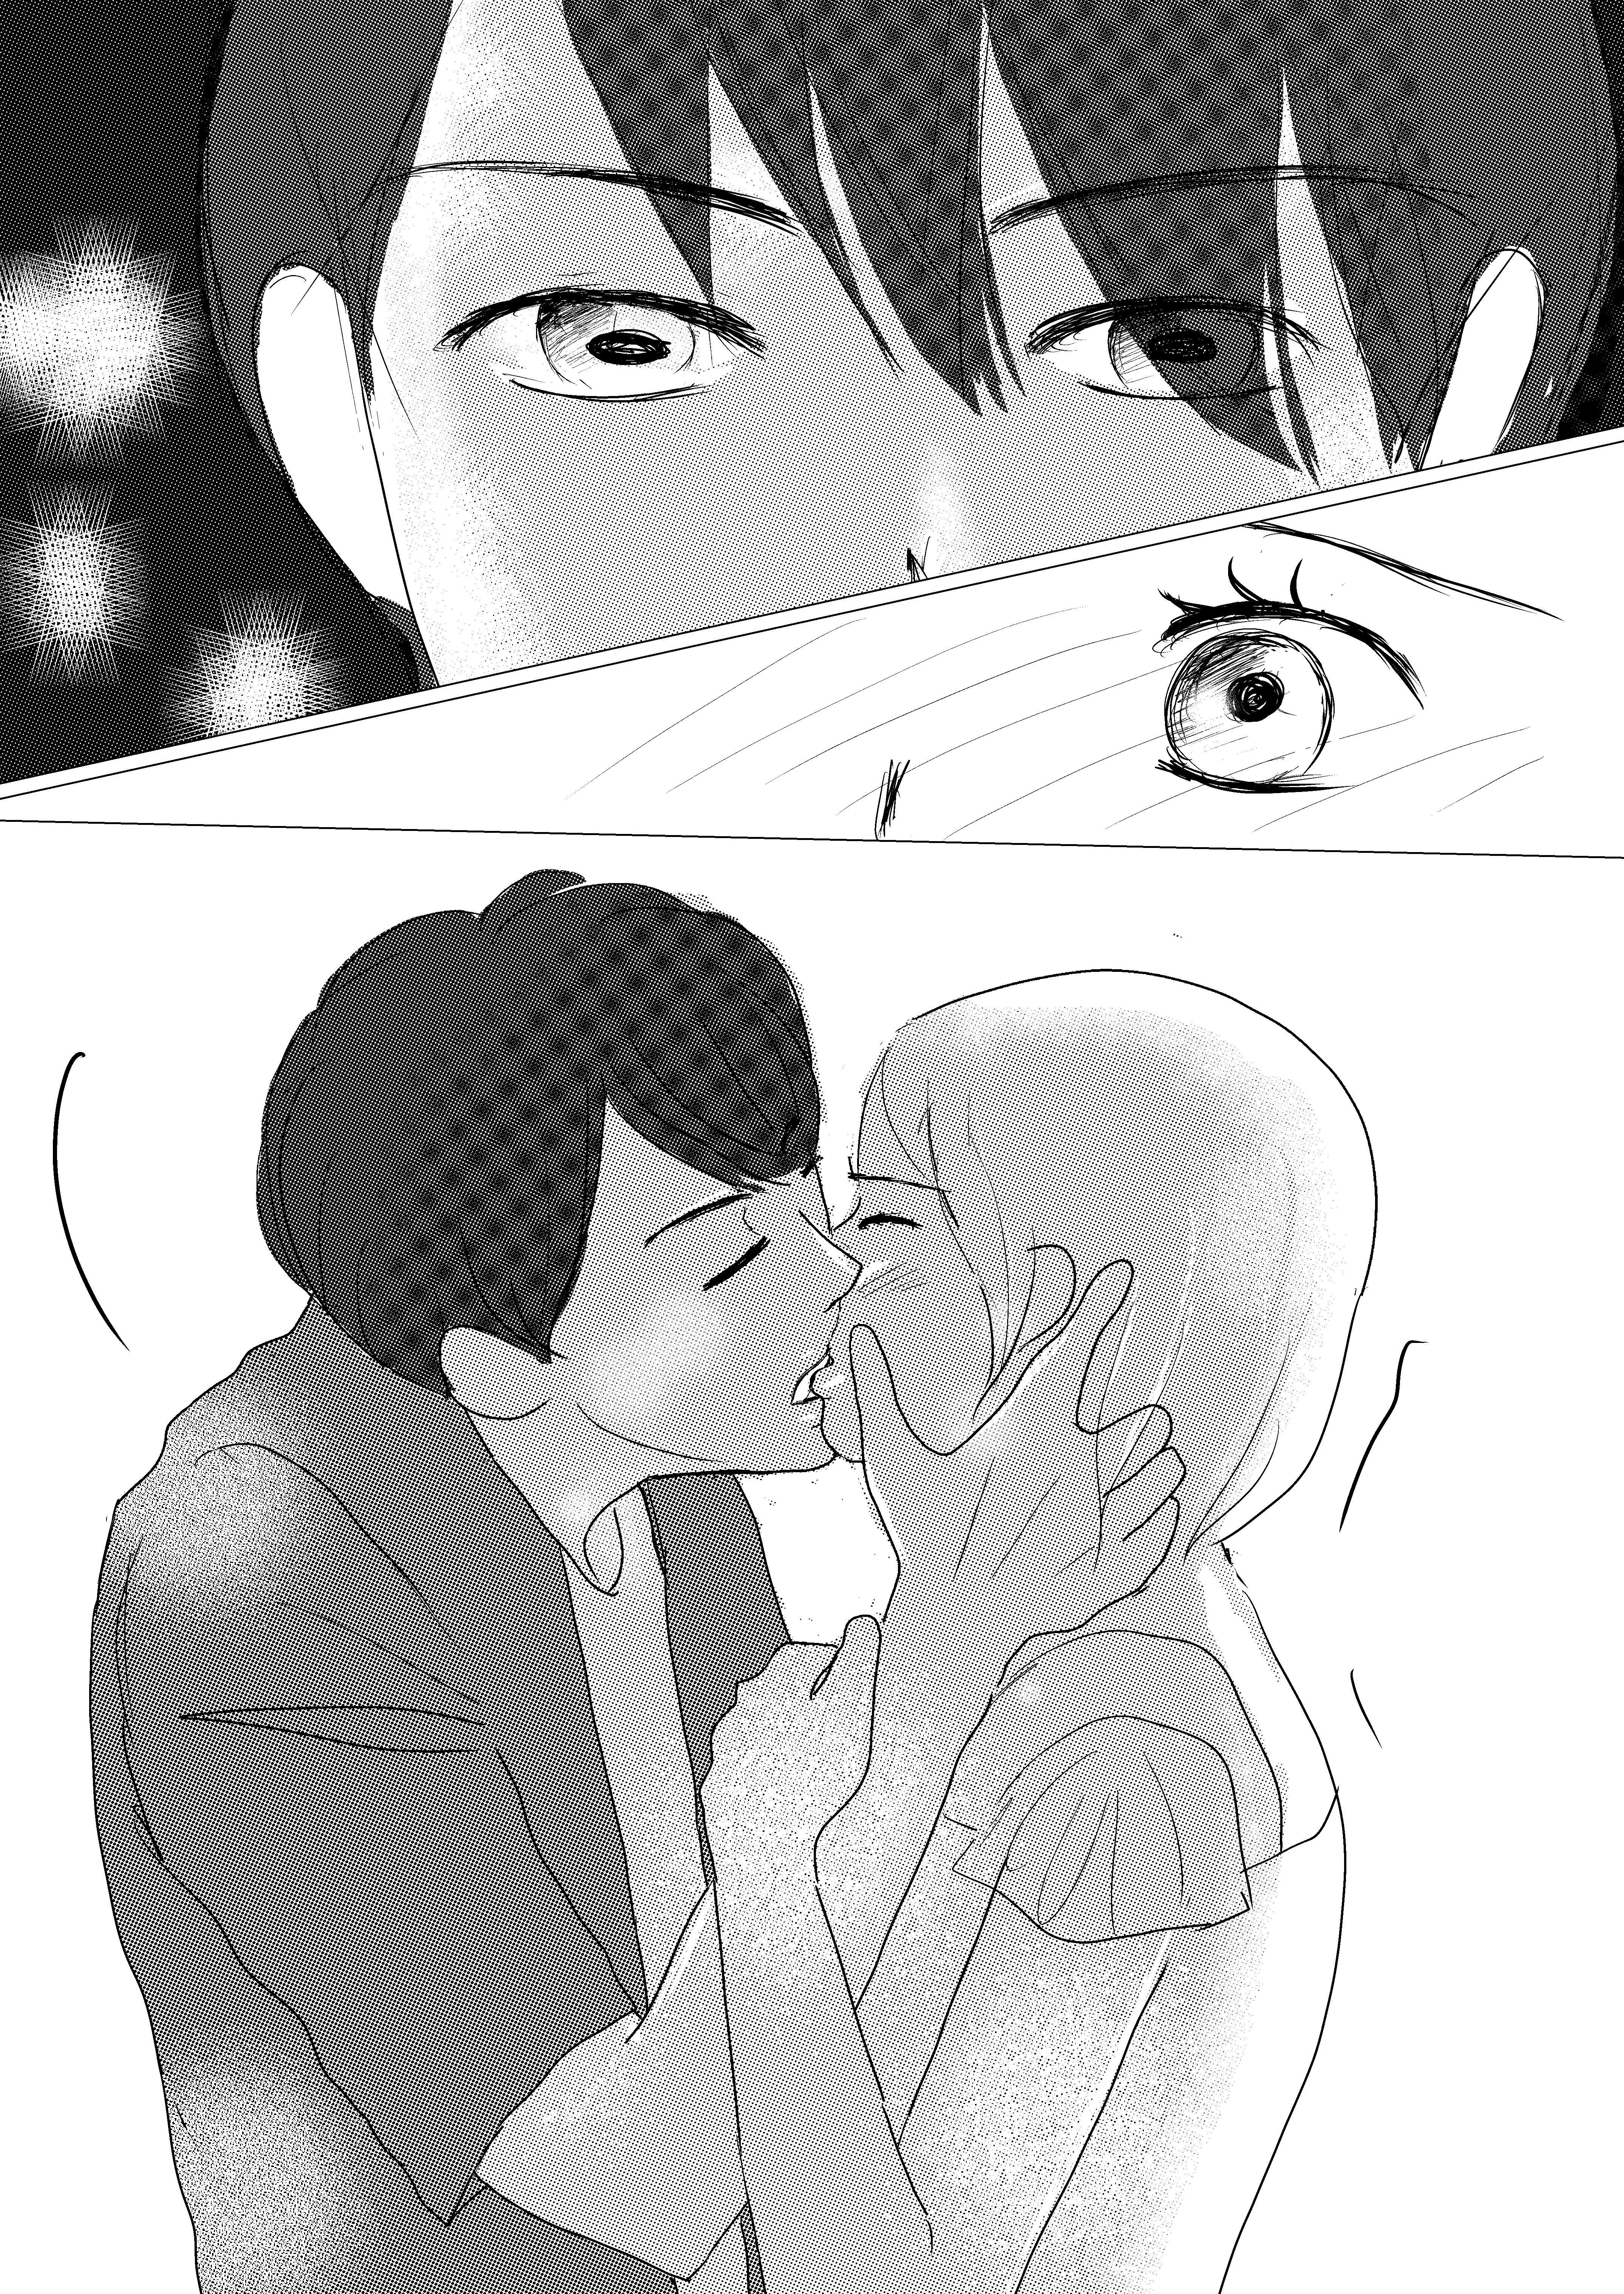 恋愛漫画/イケメン/大学生/社会人/大学生で初めて付き合う/初めての彼氏/shoujyo manga/kiss/キスシーン/イラスト/74ページ